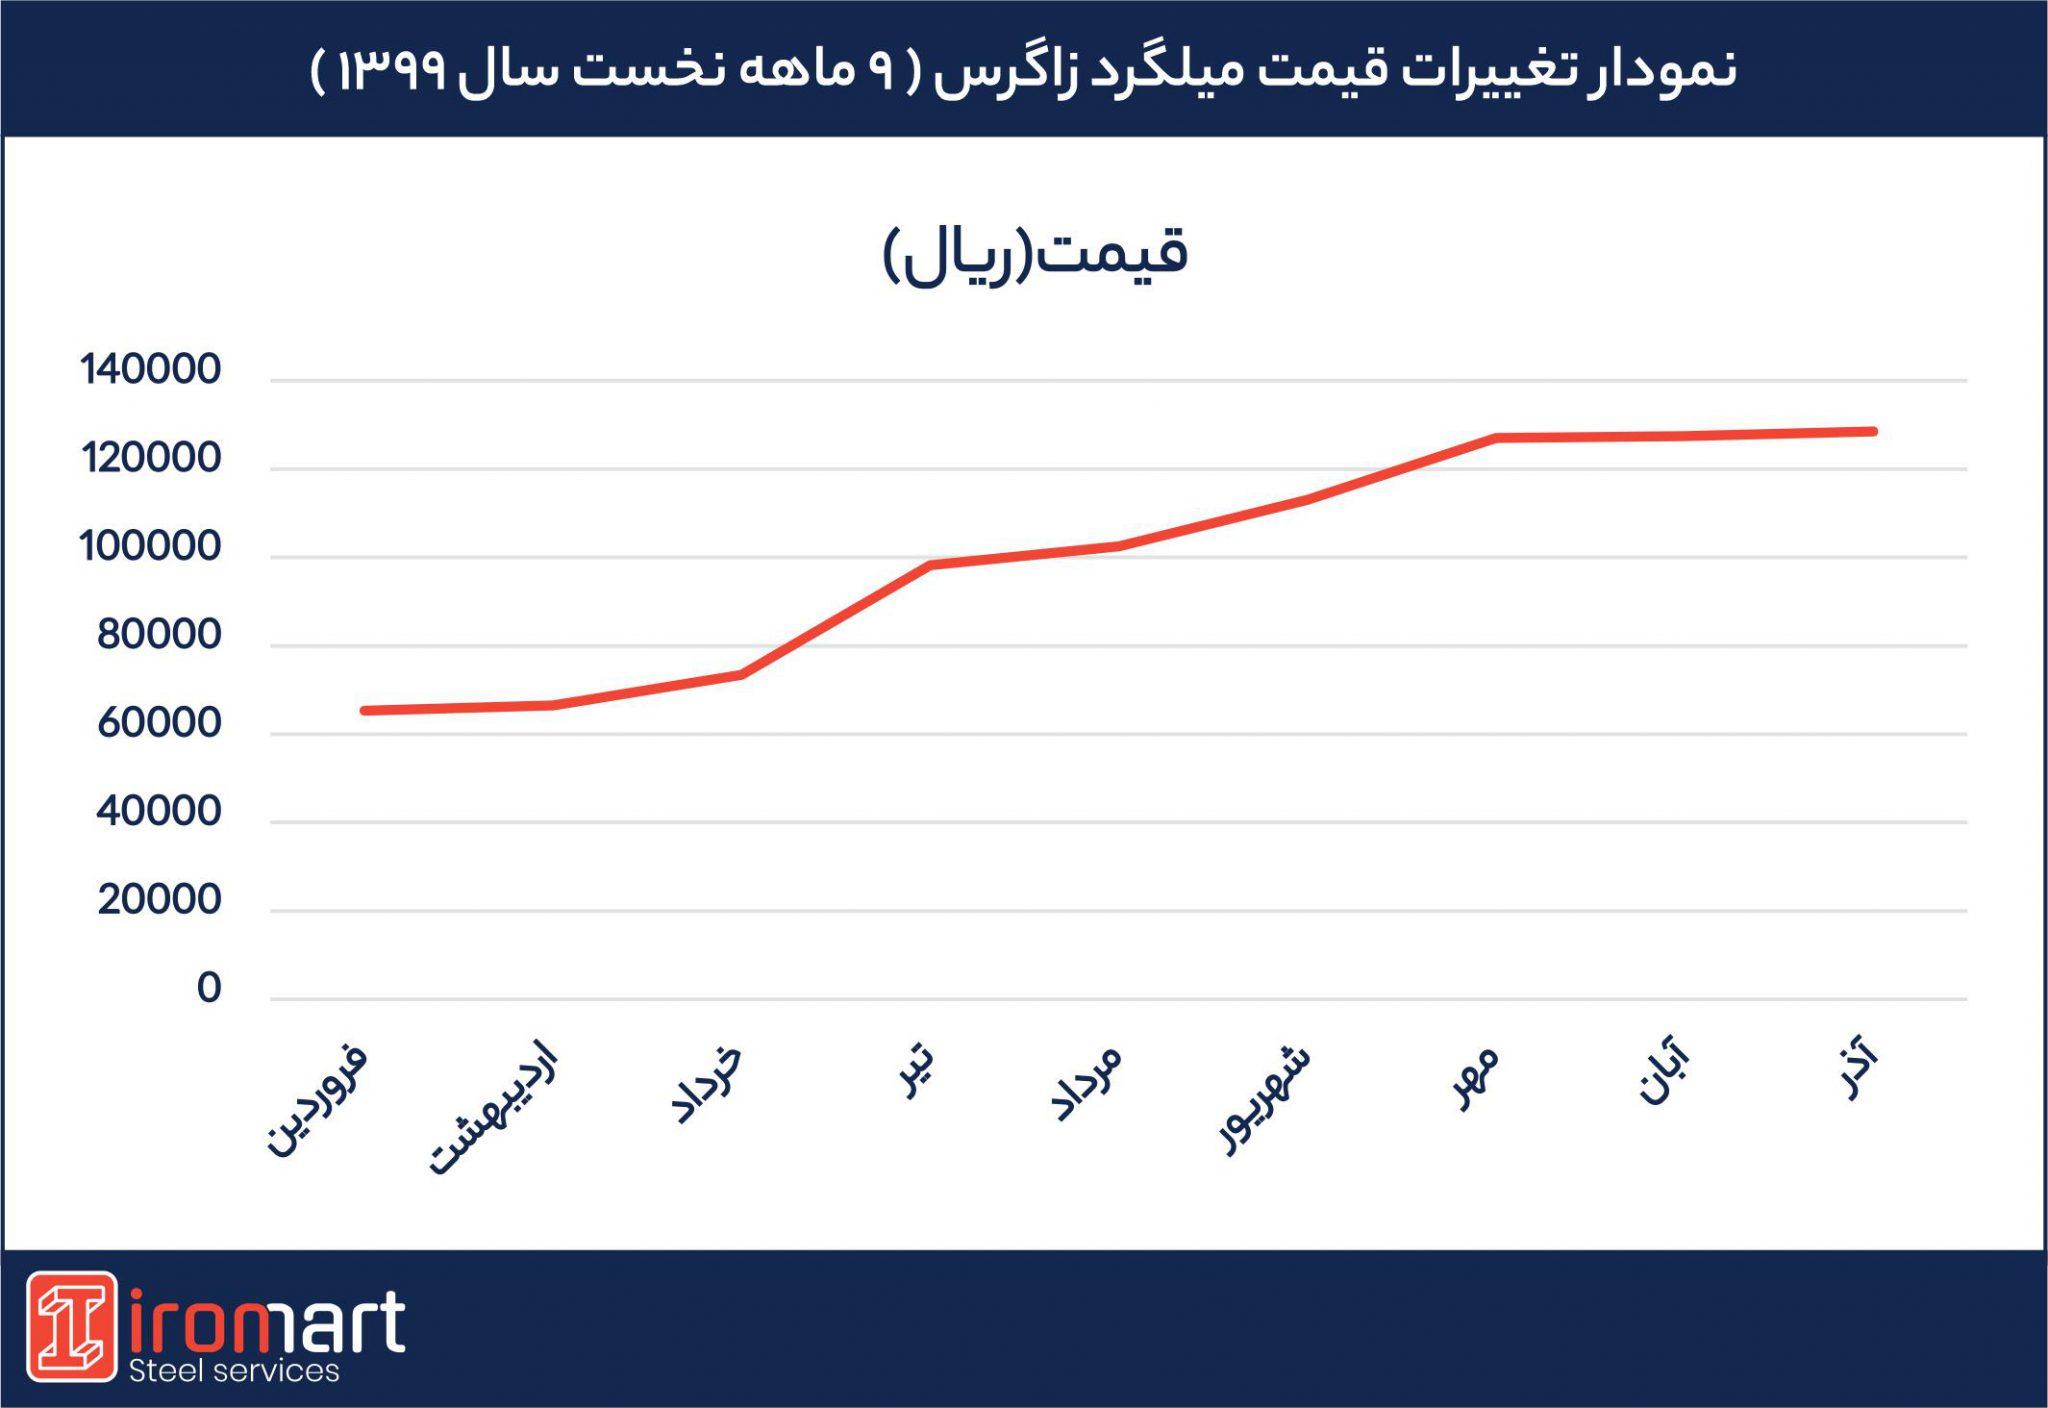 نمودار تغییرات قیمت میلگرد زاگرس